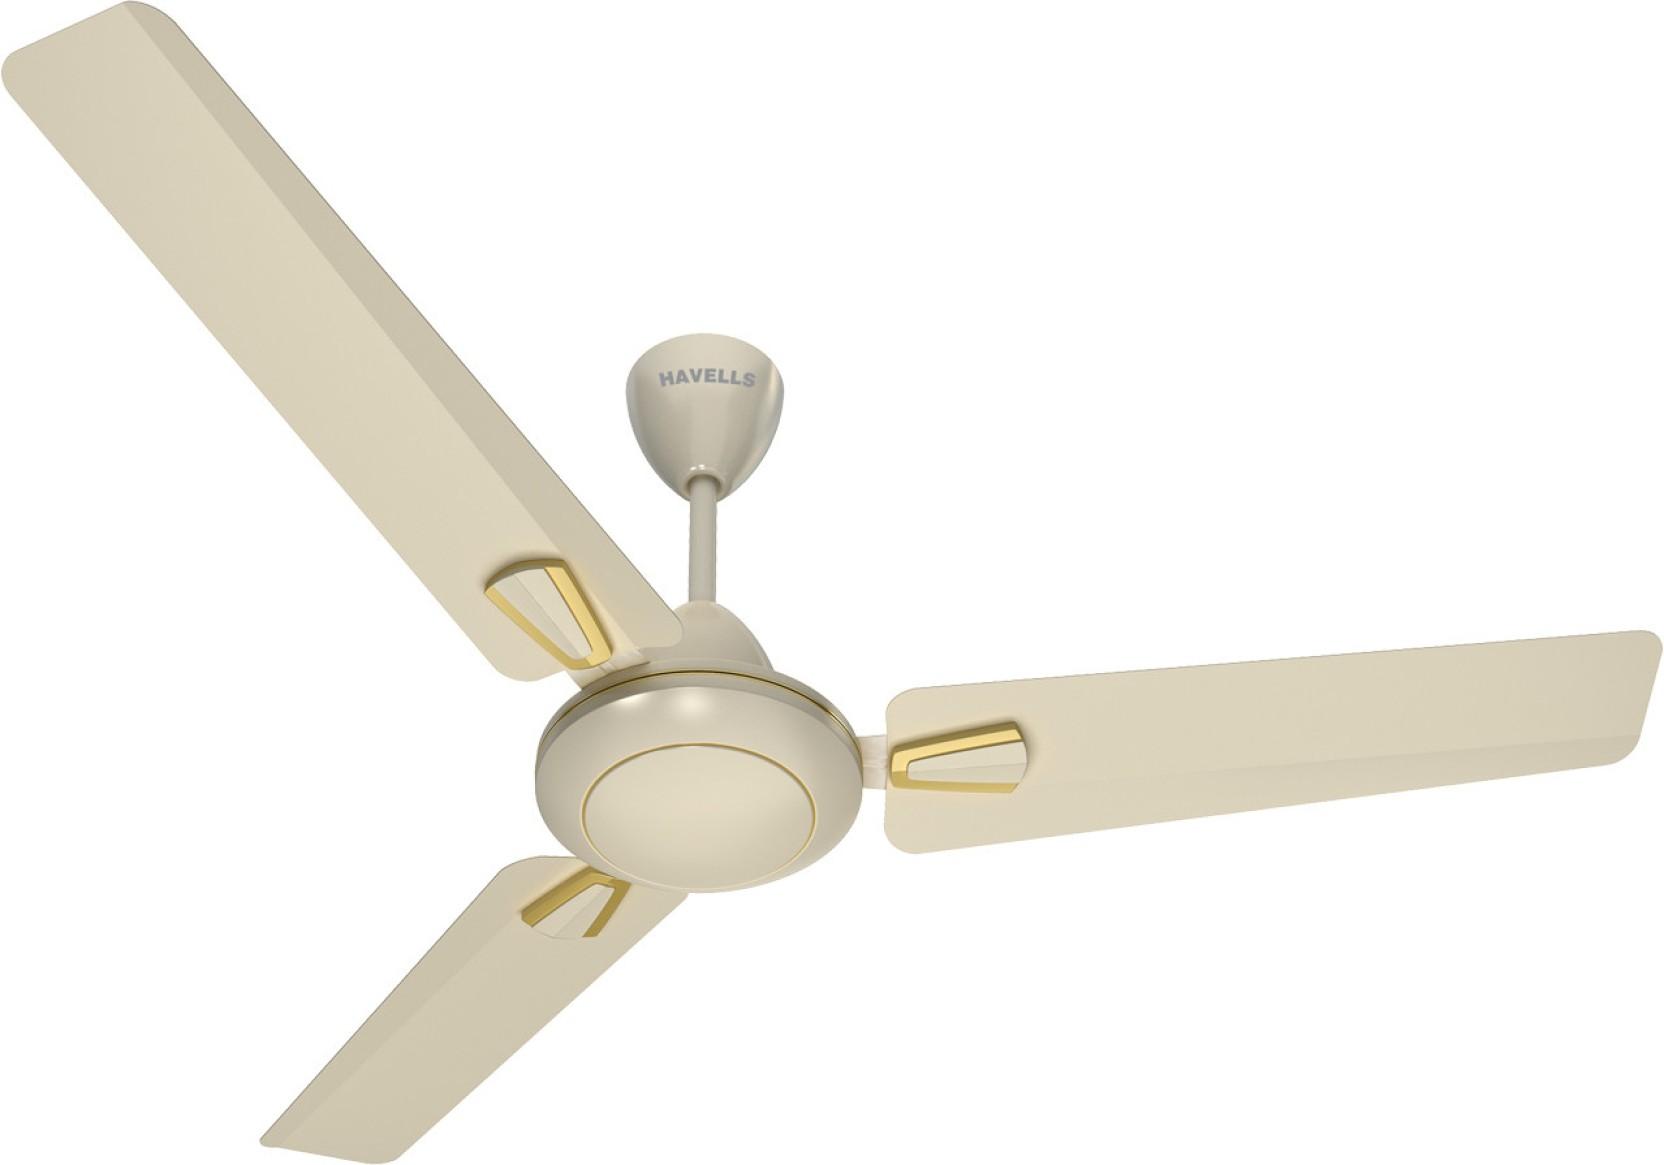 10 Blade Ceiling Fan